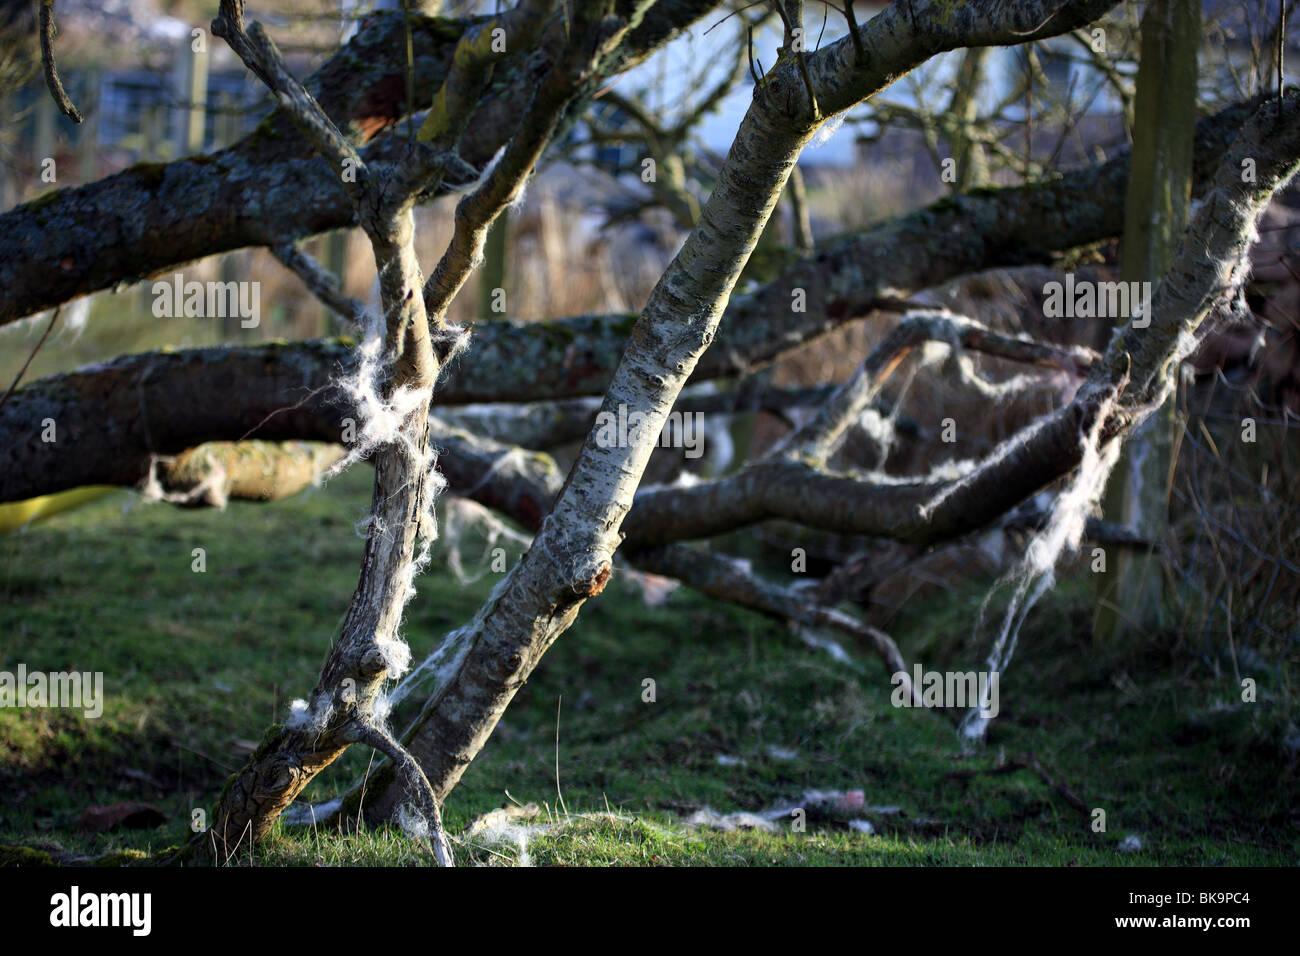 La lana di pecora catturati in rami di alberi e al vento Immagini Stock